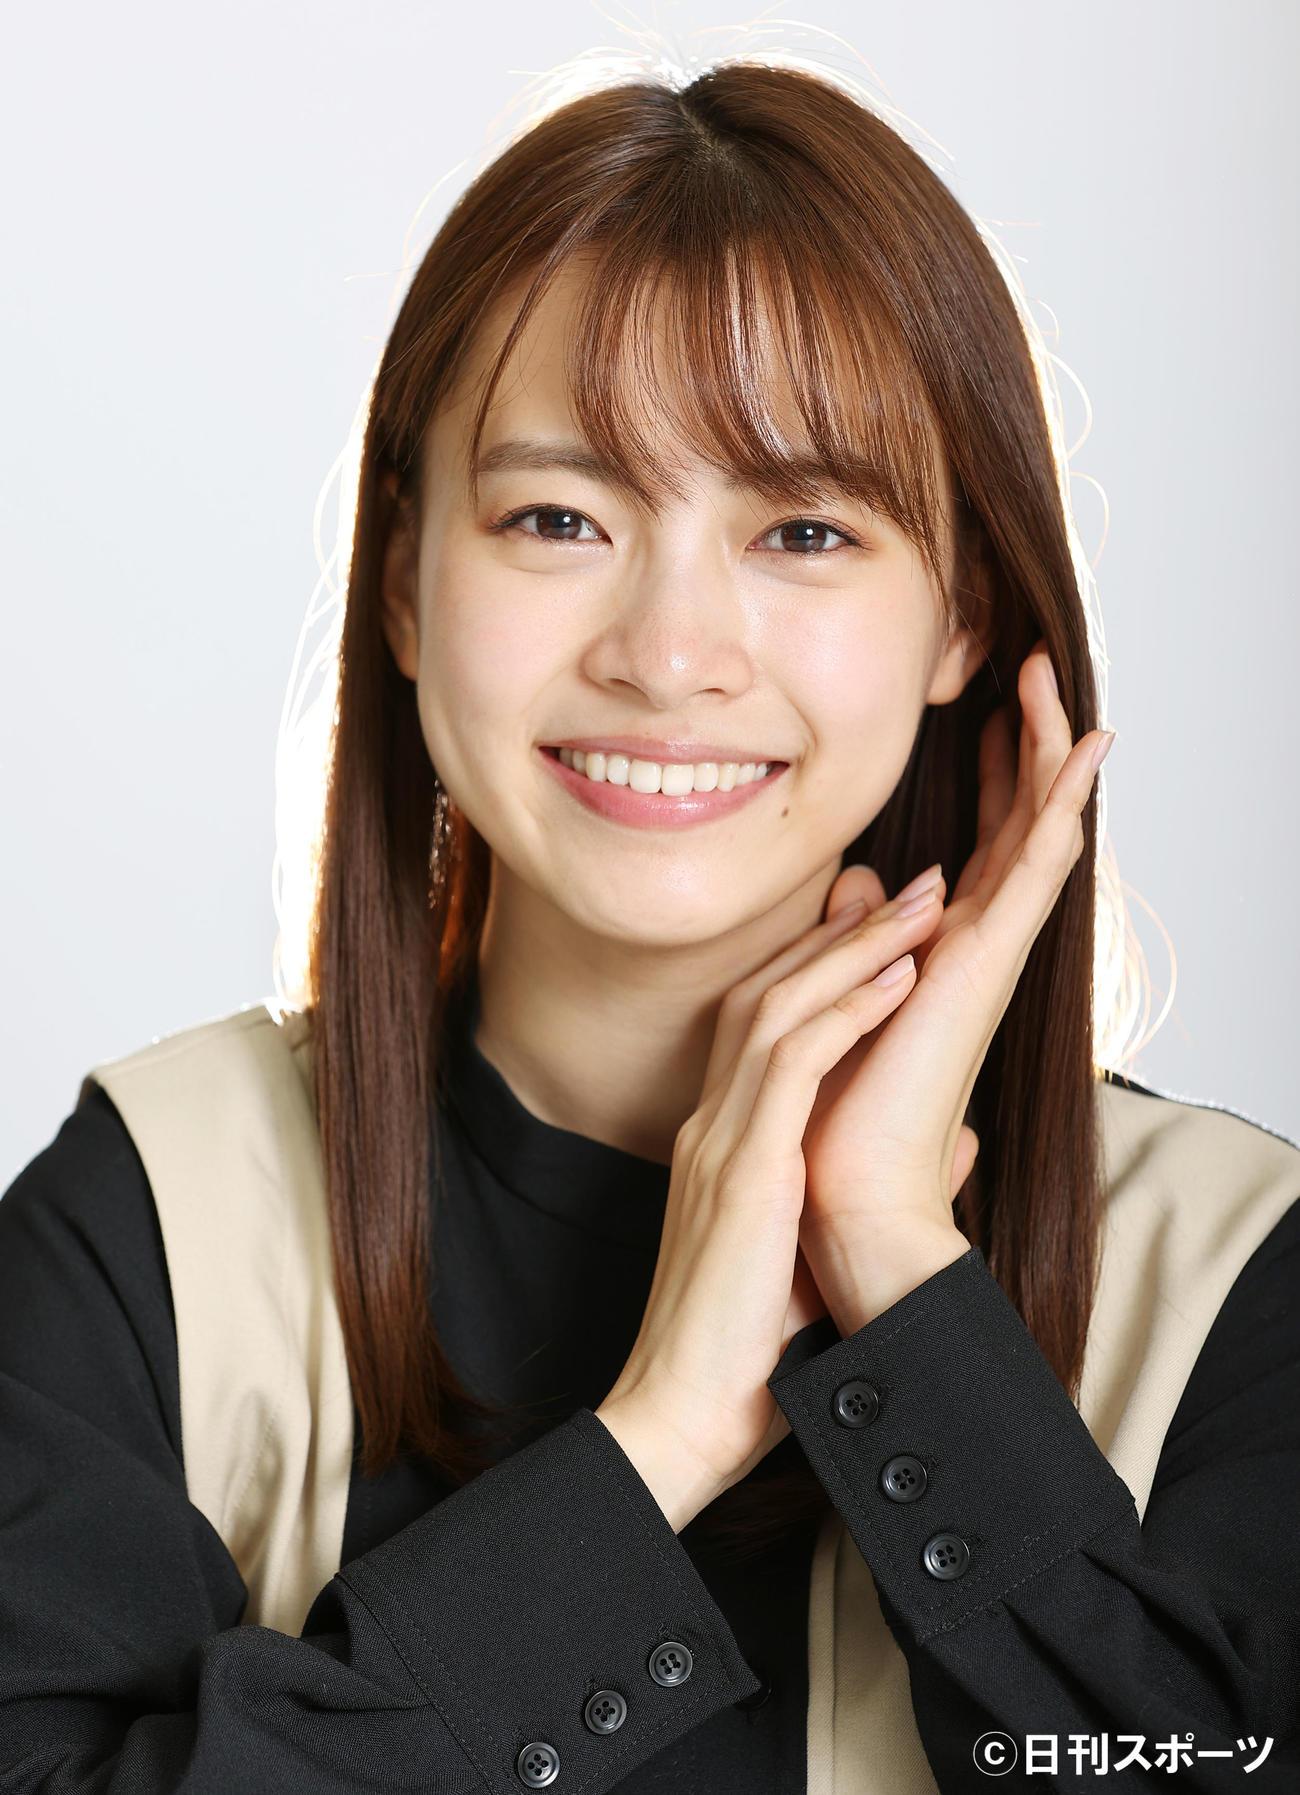 初々しい笑顔が印象的な新條由芽(撮影・浅見桂子)